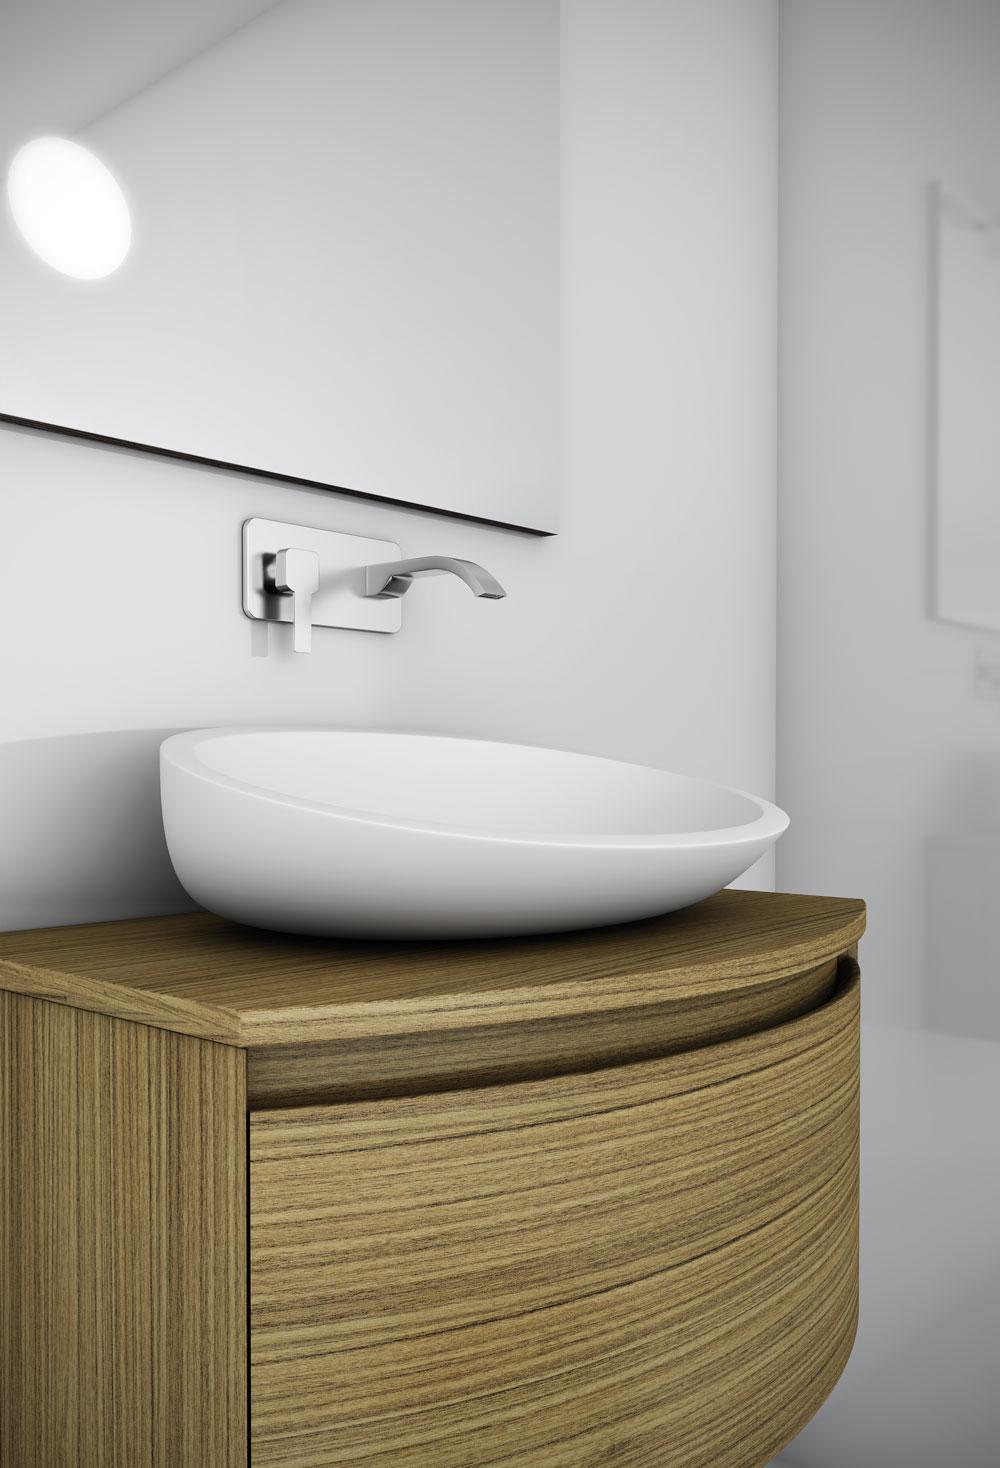 Qu muebles son los m s pr cticos para los ba os peque os - Muebles para lavabos sobre encimera ...